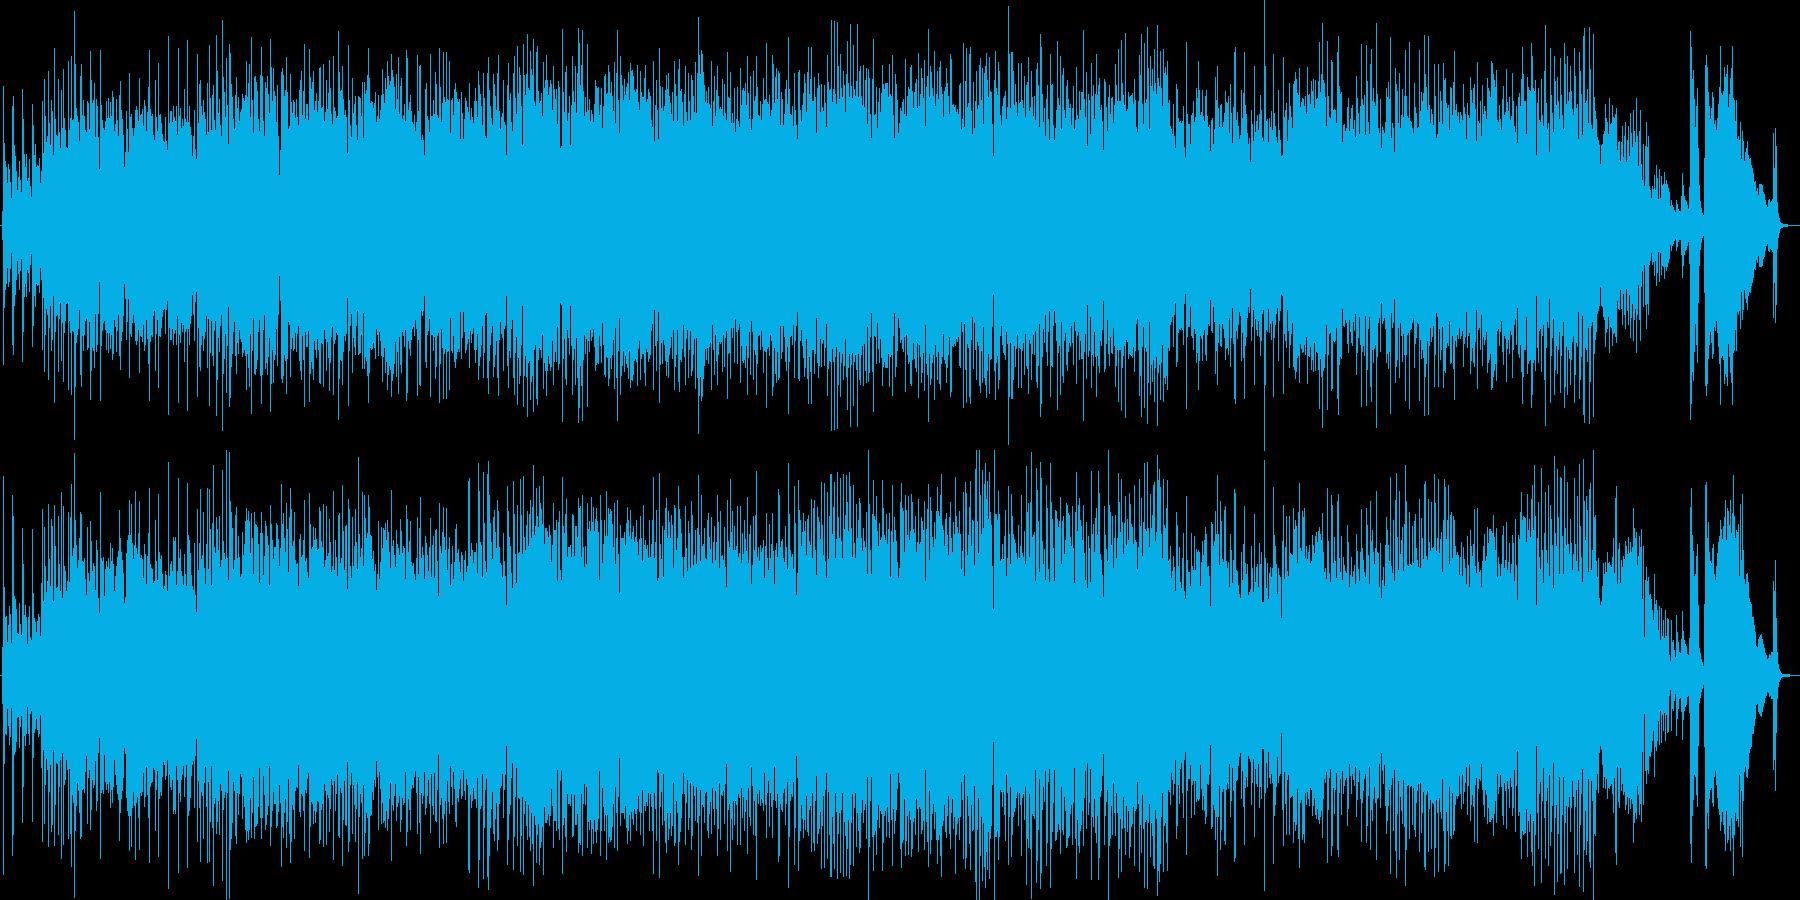 ショパン、ノクターン第2番、ジャズトリオの再生済みの波形